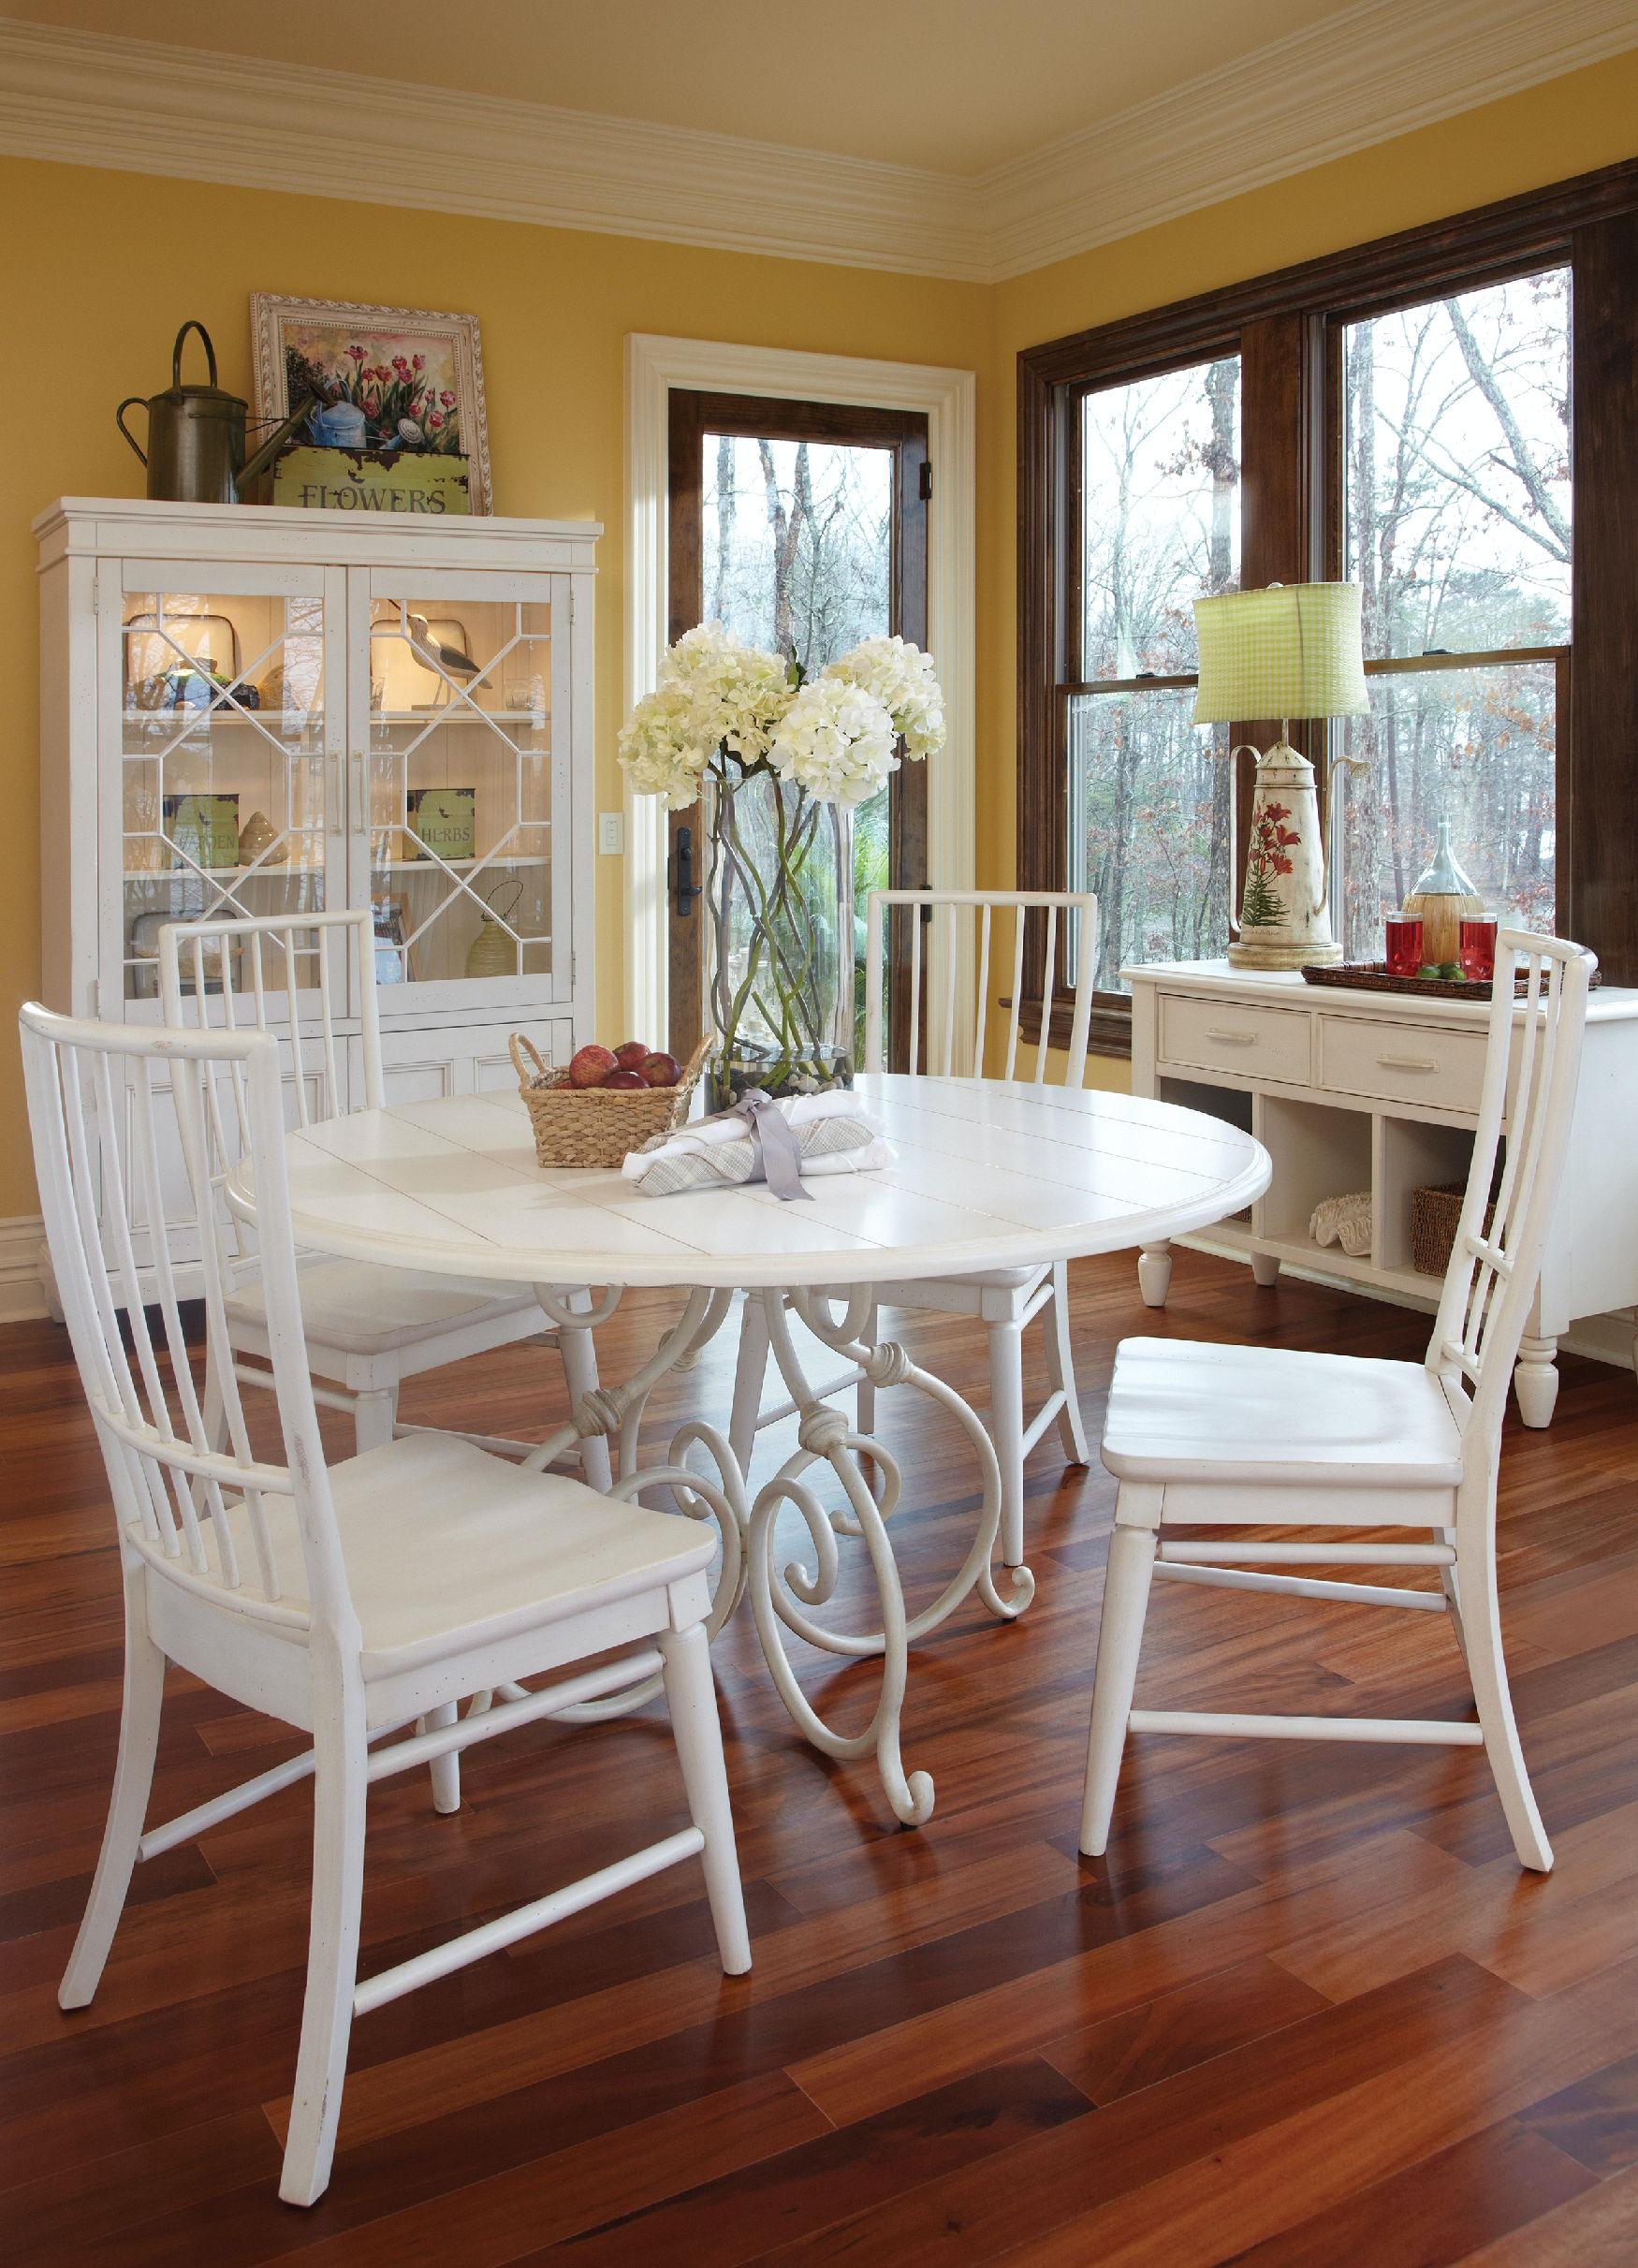 carolina preserves dining room table 424-054 drt - klaussner